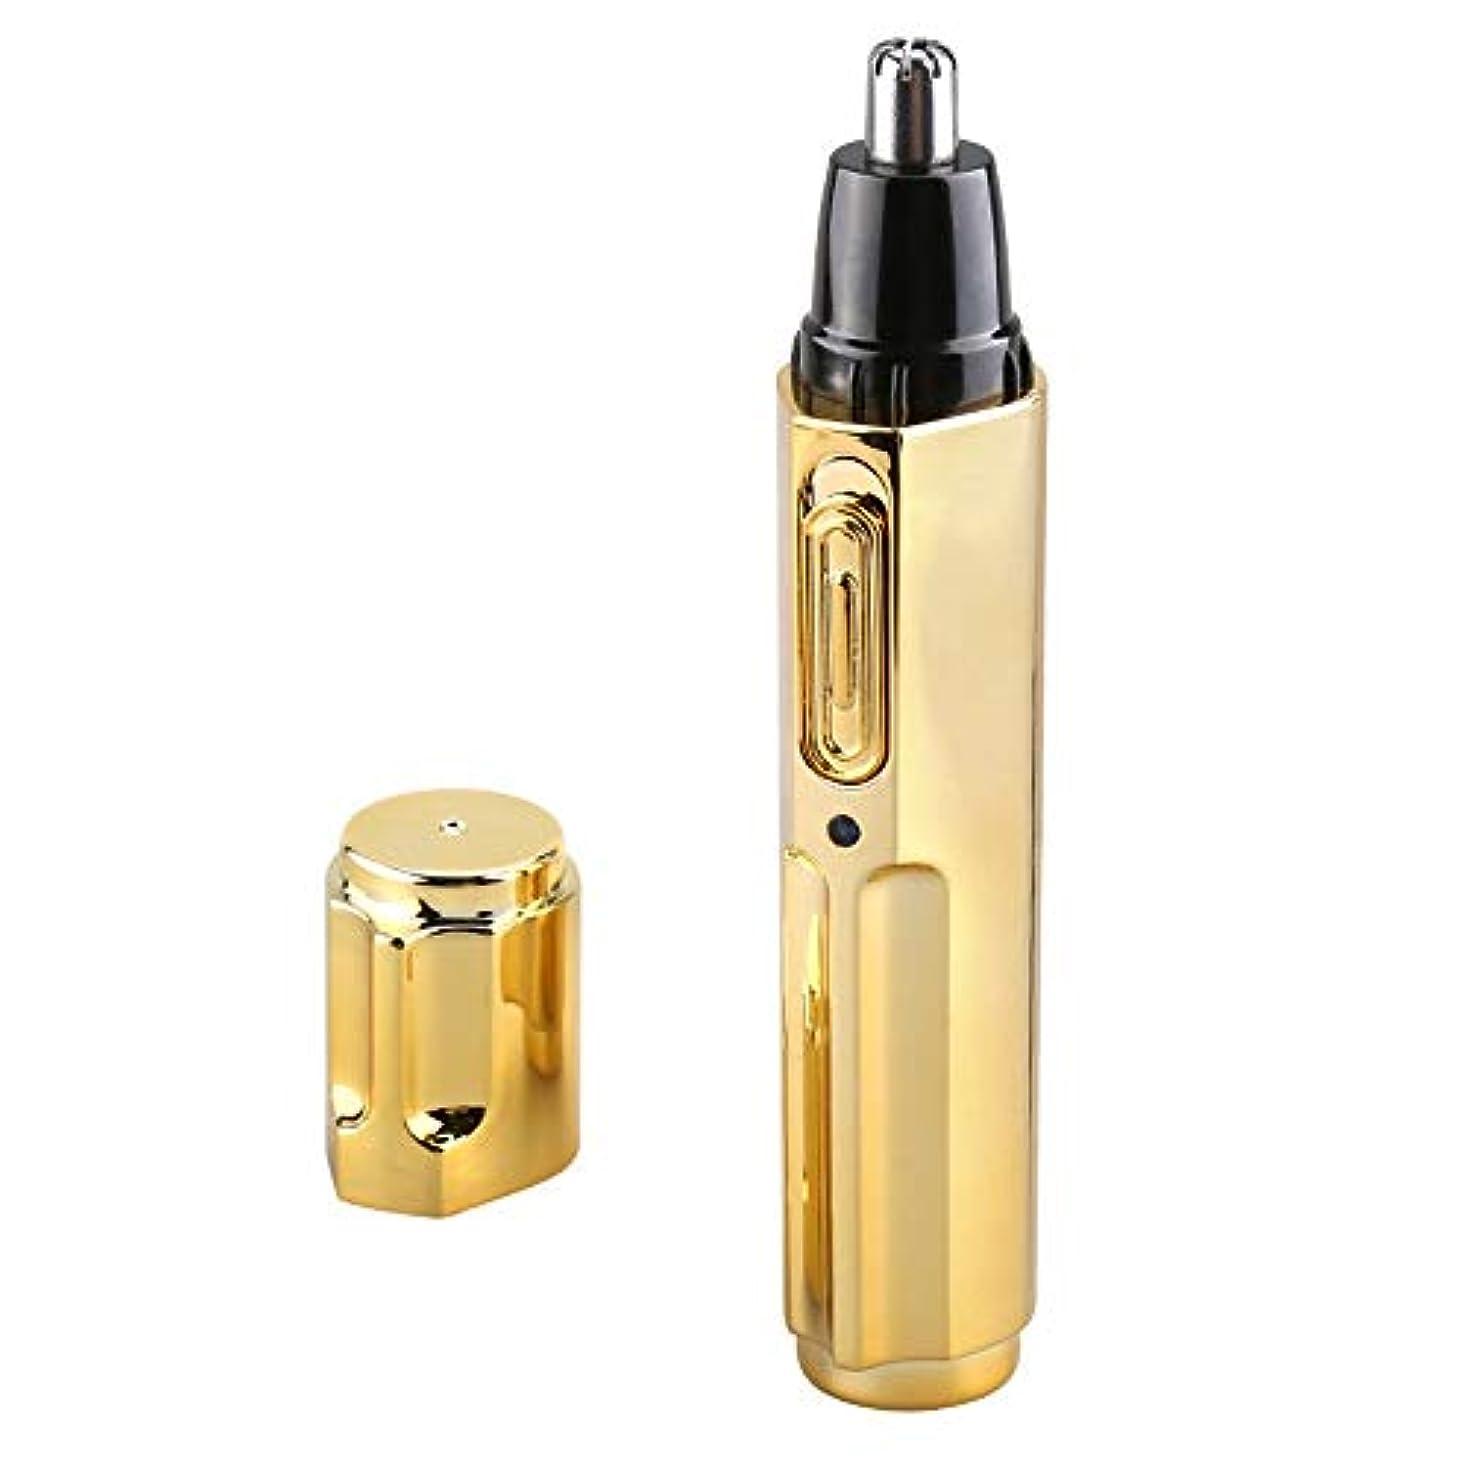 くしゃみ光の拾う鼻毛トリマー/充電式電動鼻毛トリマー/鼻孔クリーナー/ 13 * 2.8cm お手入れが簡単